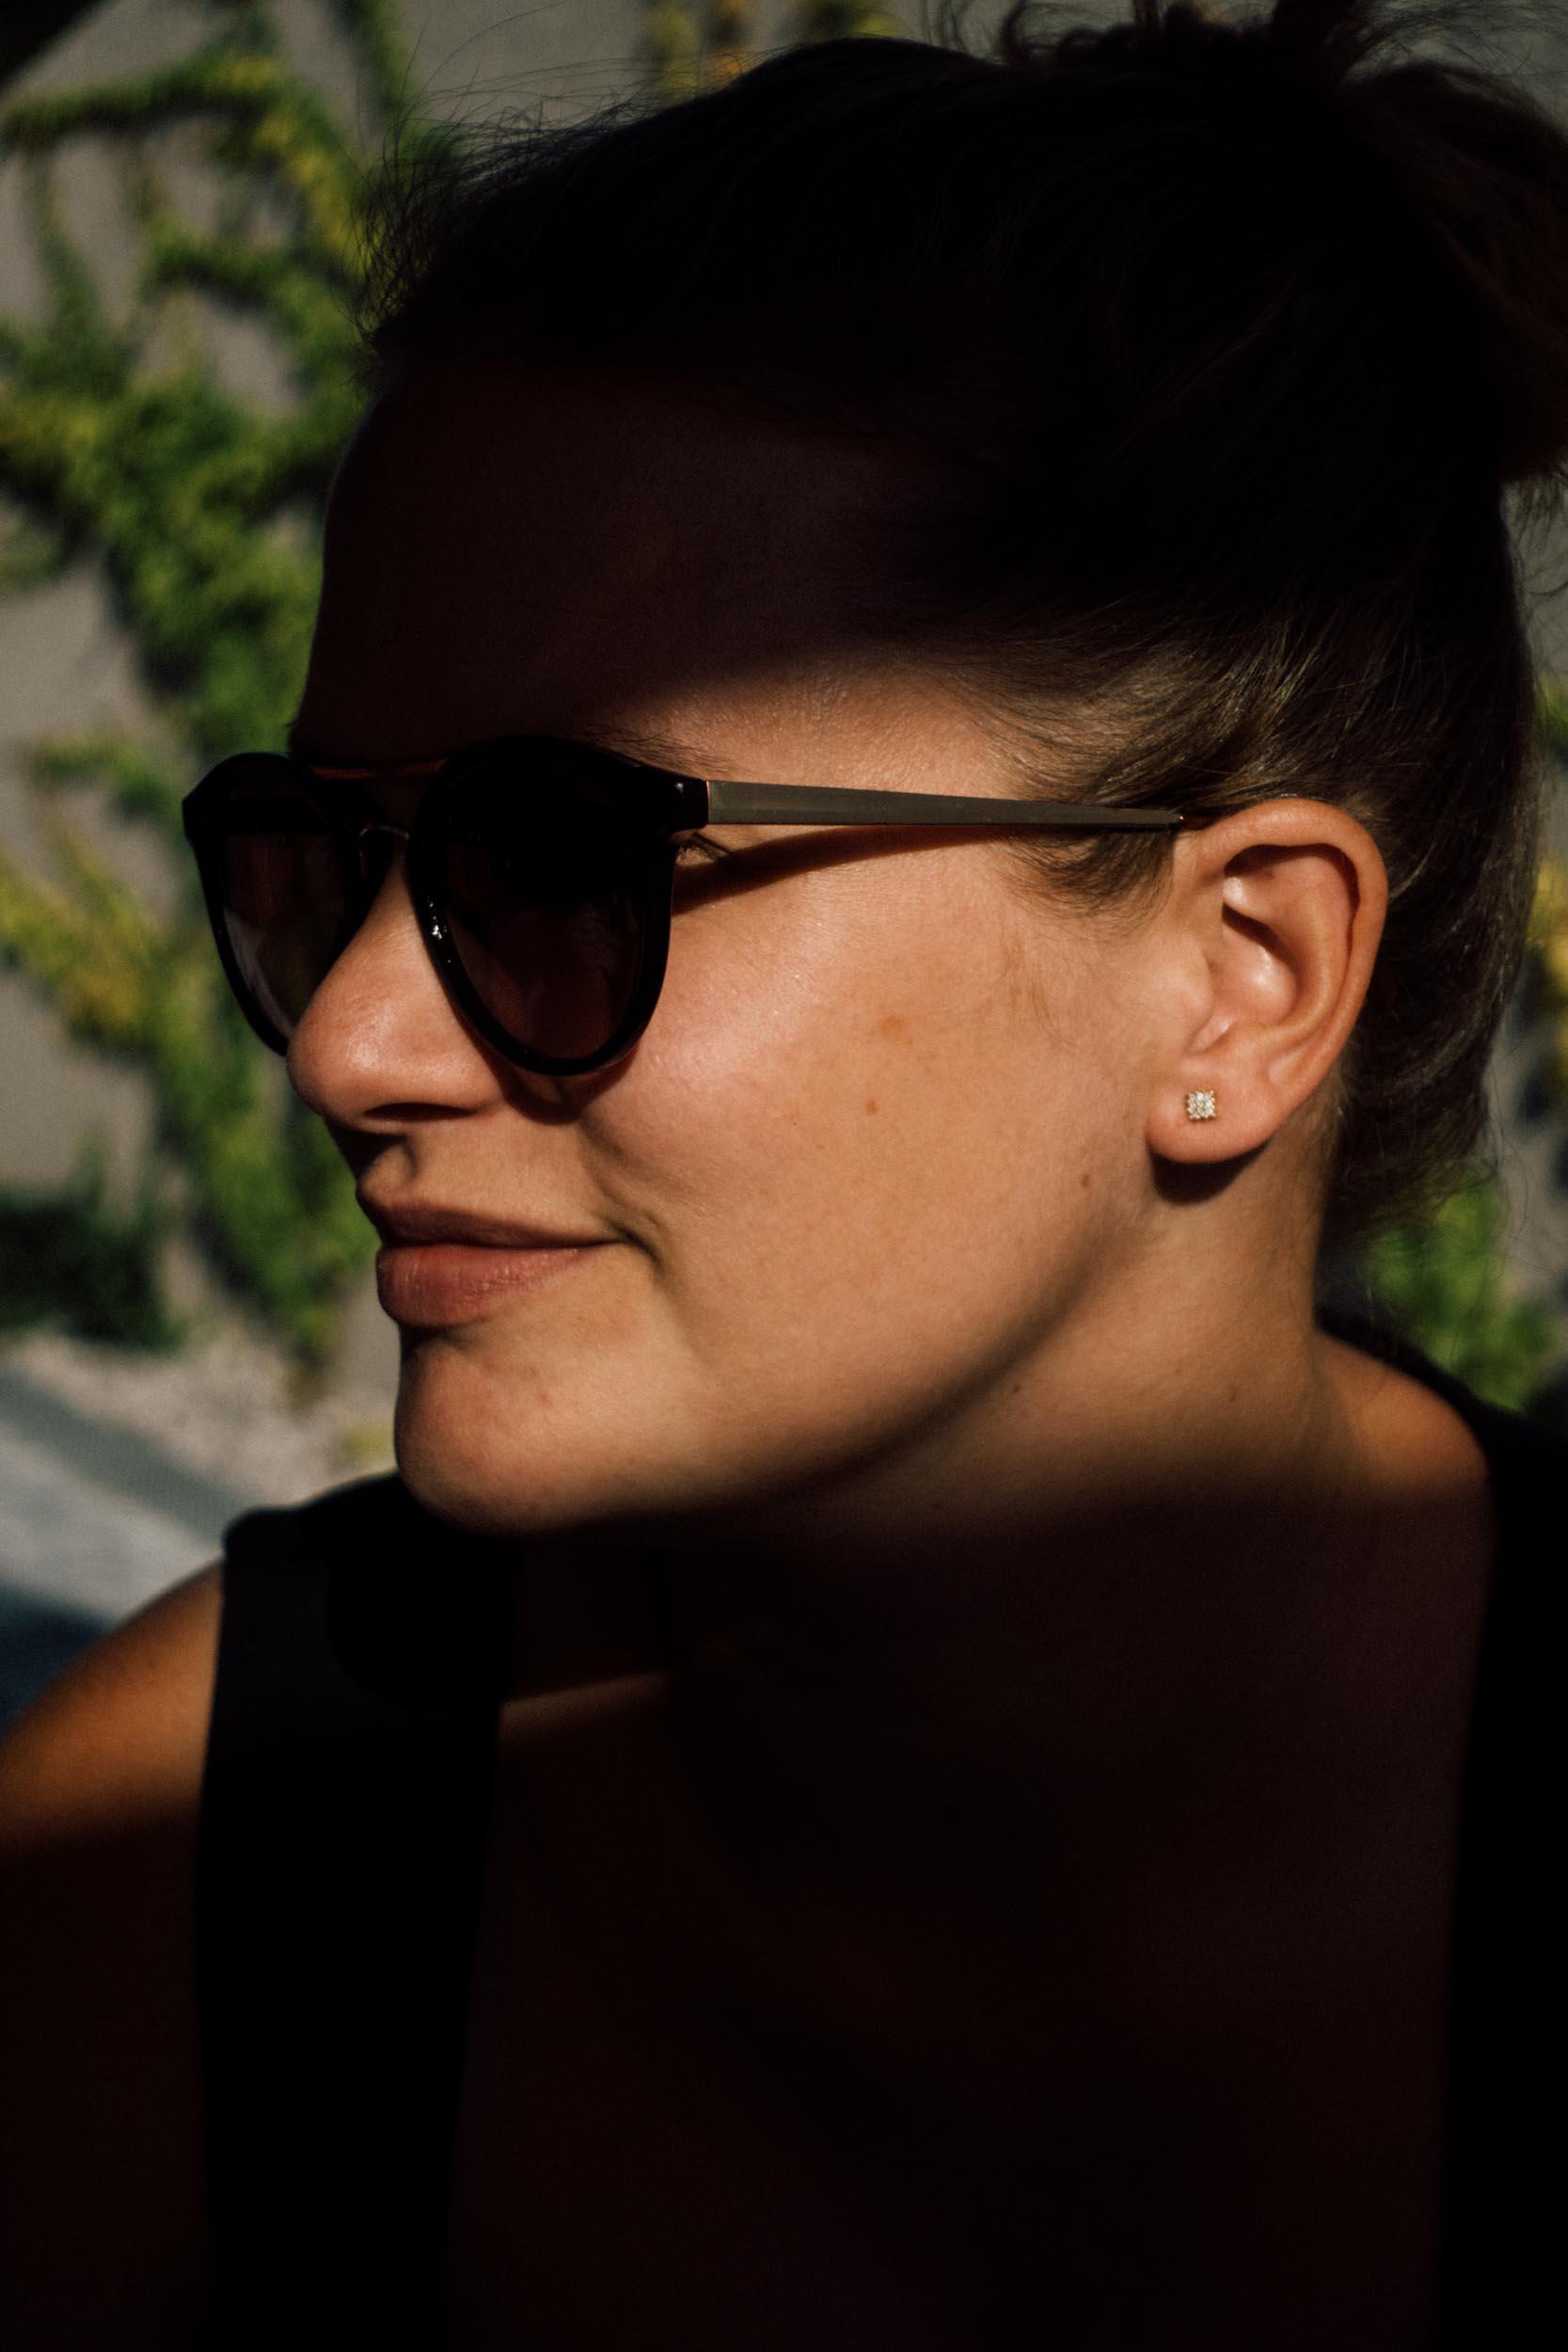 jakubnedbal_photographer_snapshots_014